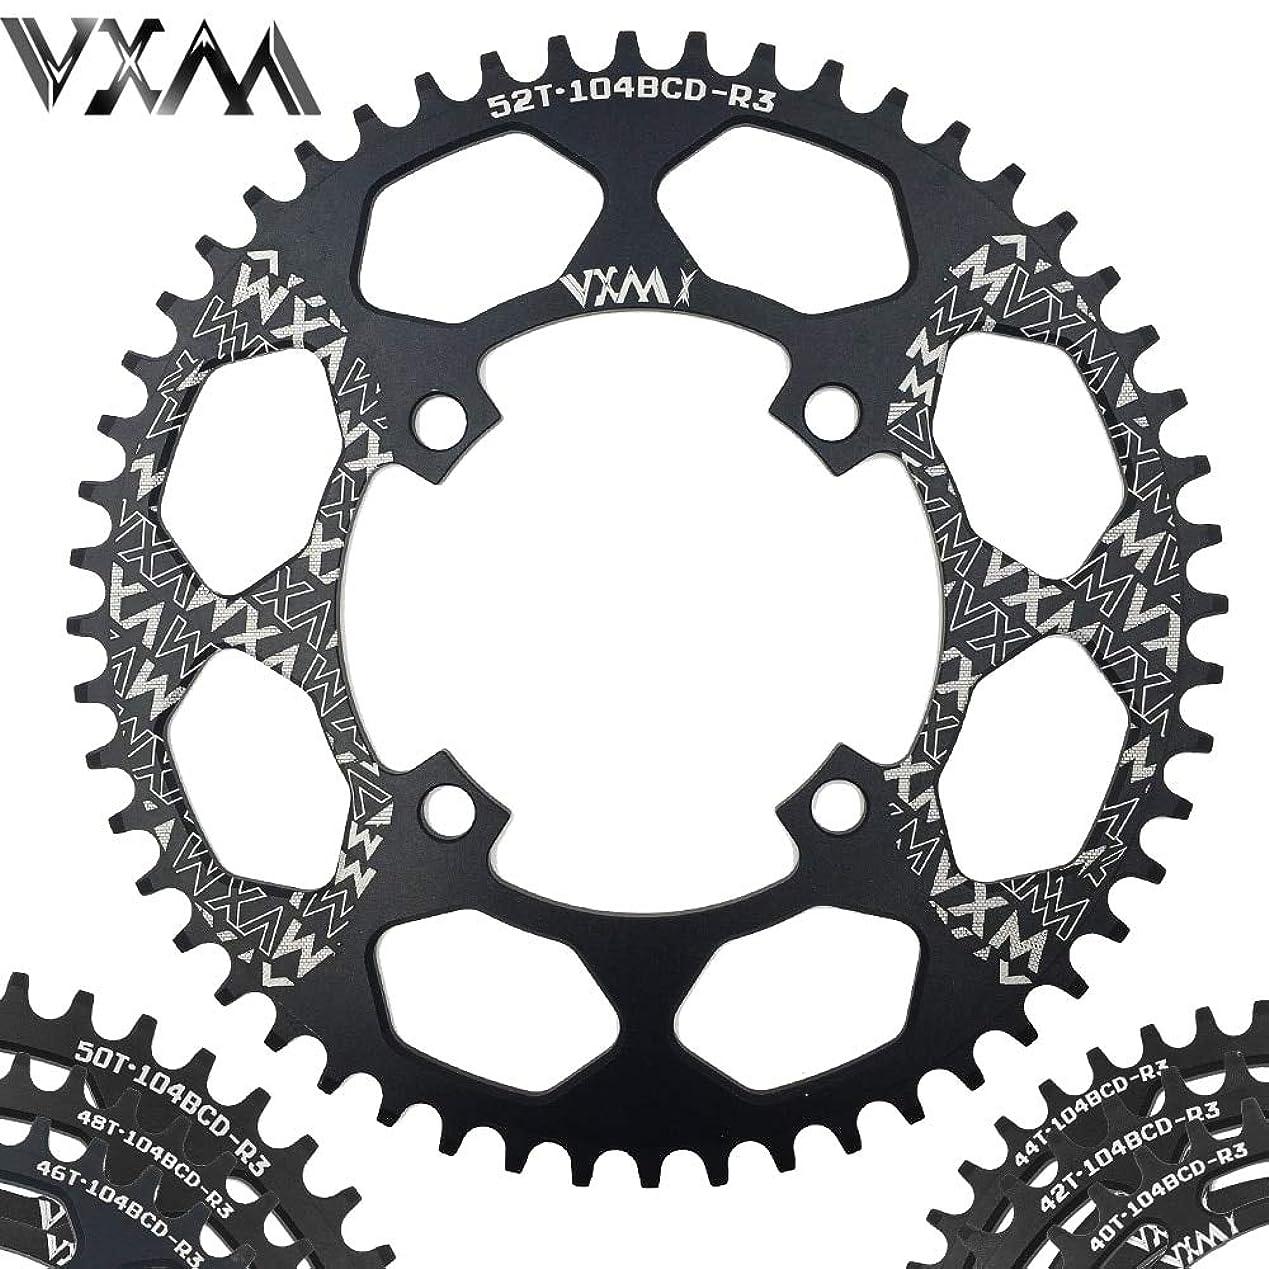 極小土地出口Propenary - Bicycle Aluminum Chainring 104BCD 40T 42T 44T 46T 48T 50T 52T Mountain Bicycle Chainwheel Bike Crankset Bicycle Parts [ 104BCD 50T ]